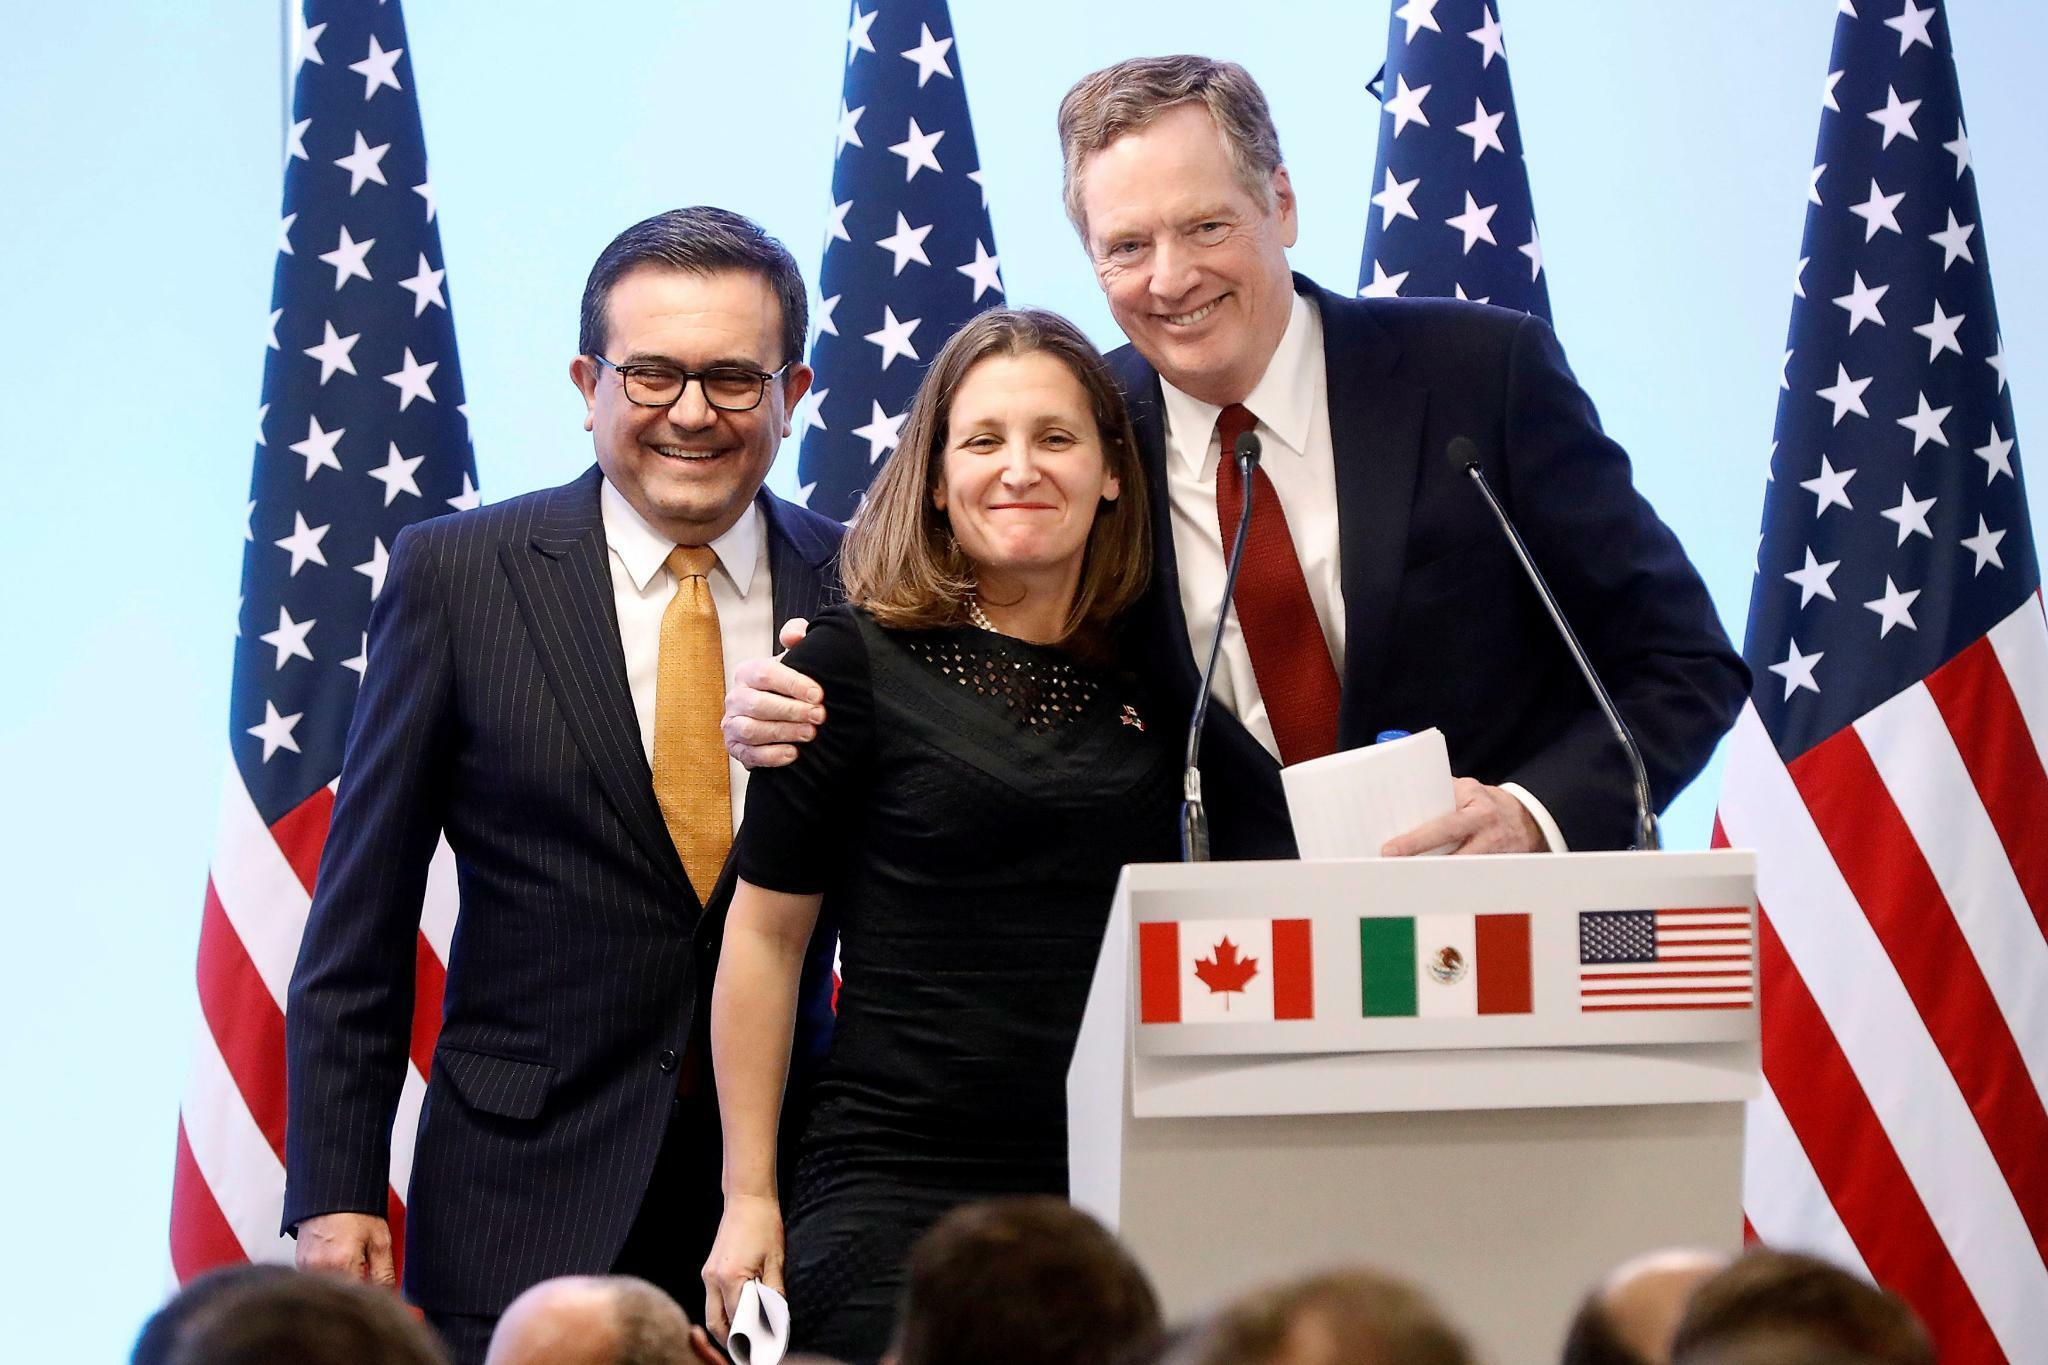 USA und Kanada einigen sich: Handelsabkommen Nafta wird neu aufgelegt